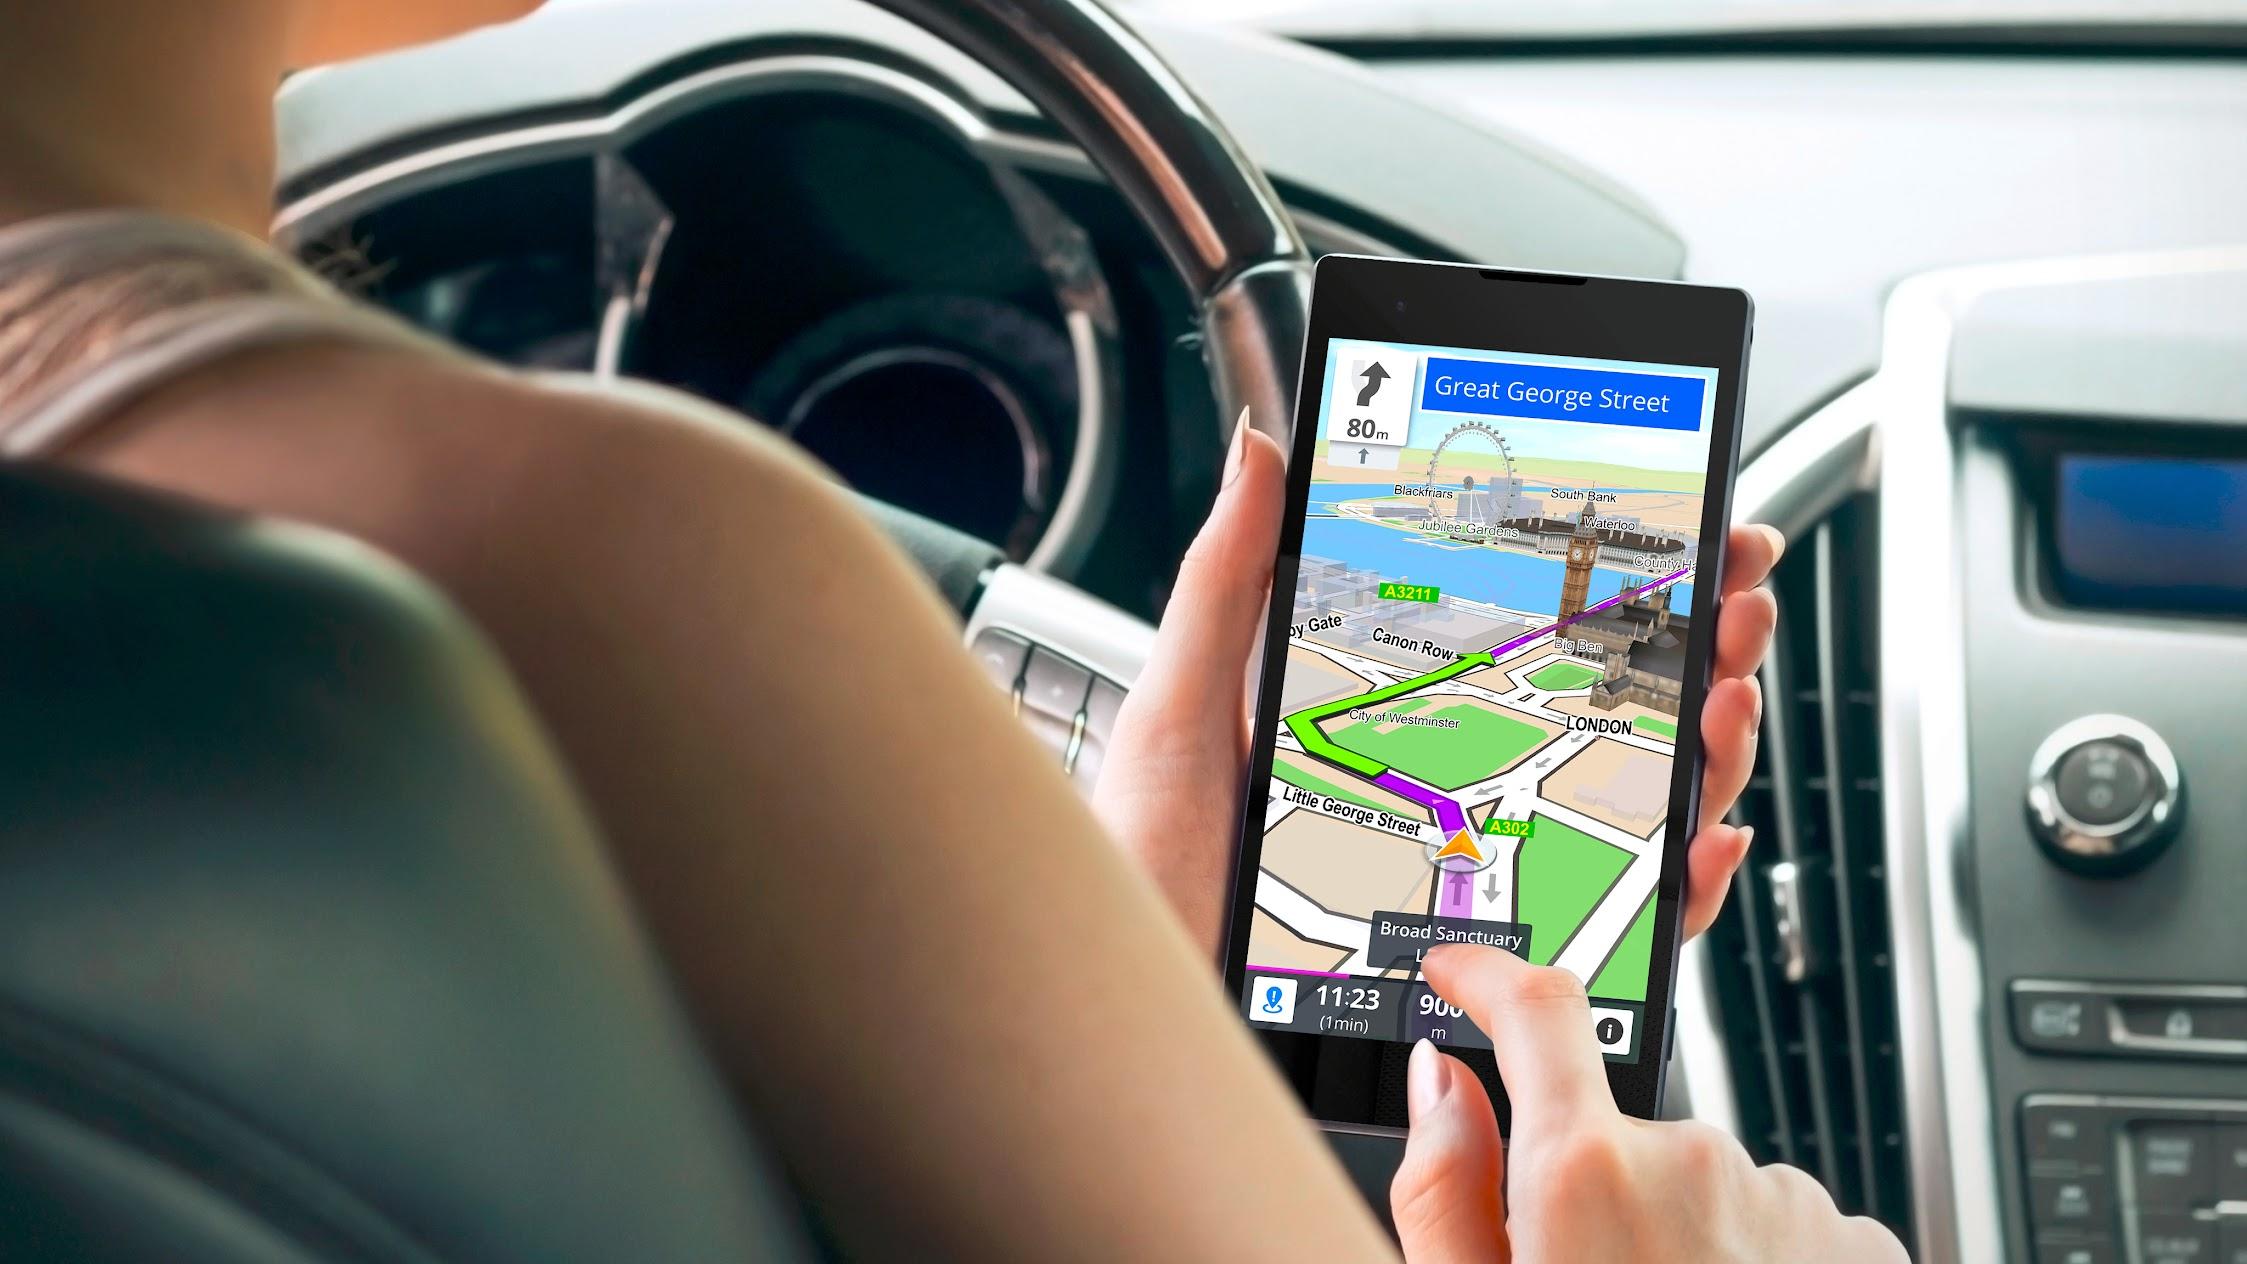 karta evrope za navigaciju Sygic maps navigation   Apps on Google Play karta evrope za navigaciju